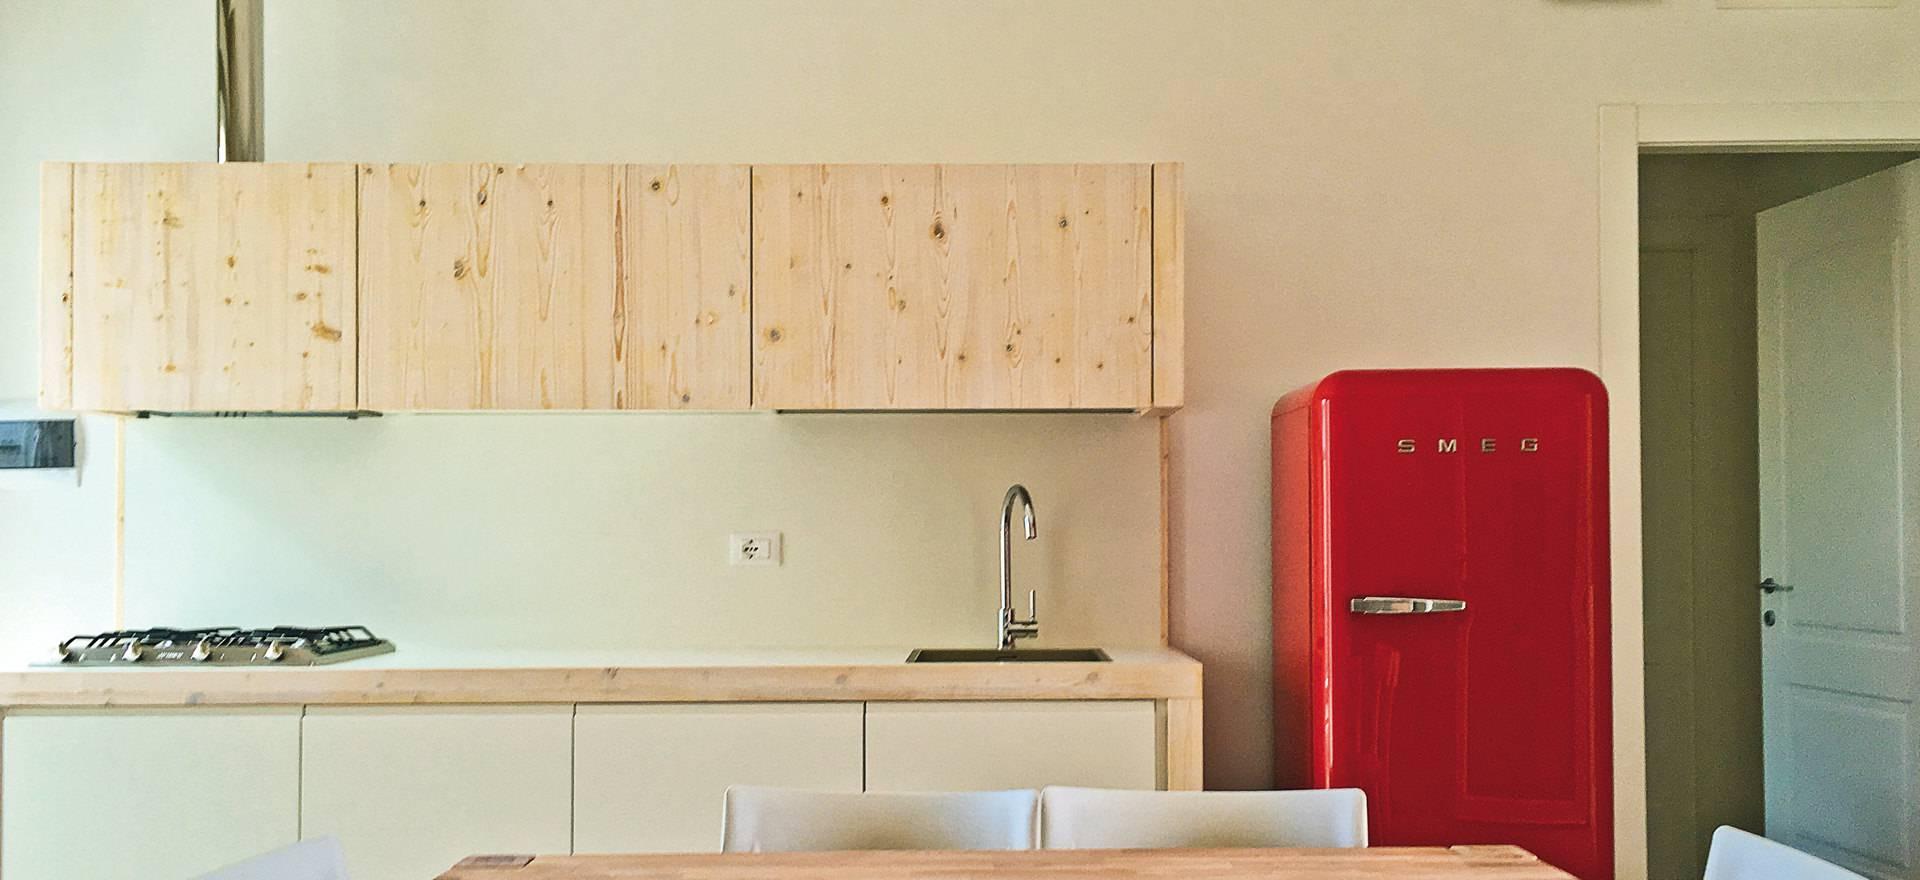 Luxe agriturismo vlakbij zee, met moderne appartementen